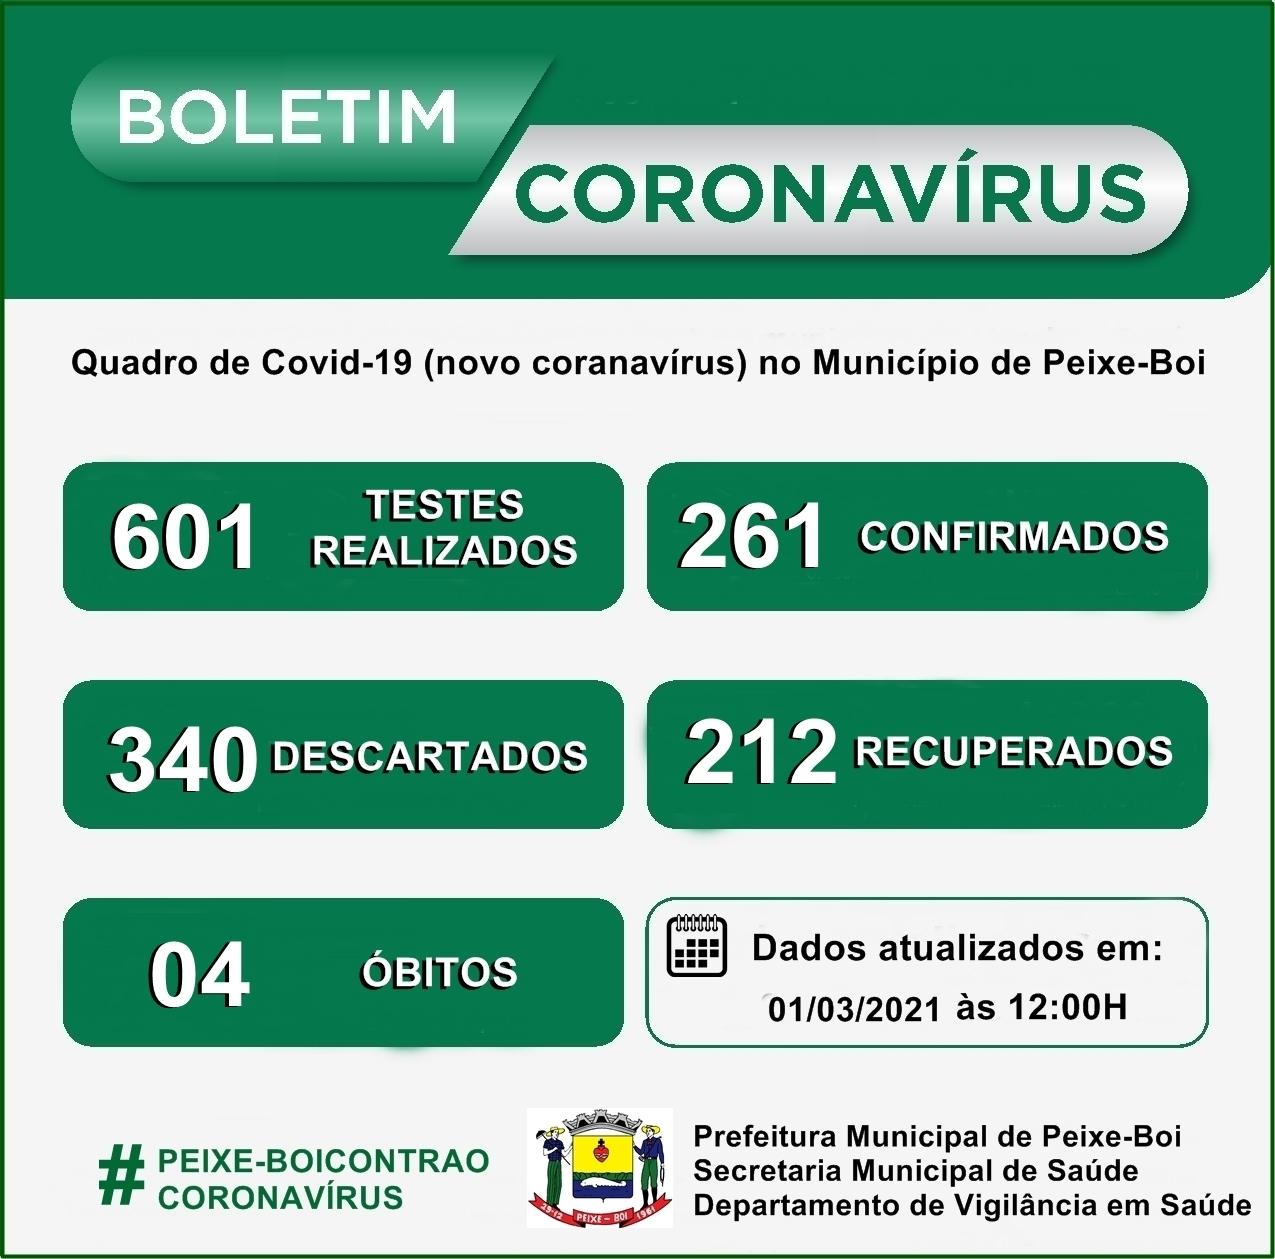 Boletim COVID-19 – Atualizado em 01/03/2021 às 12:00h ...